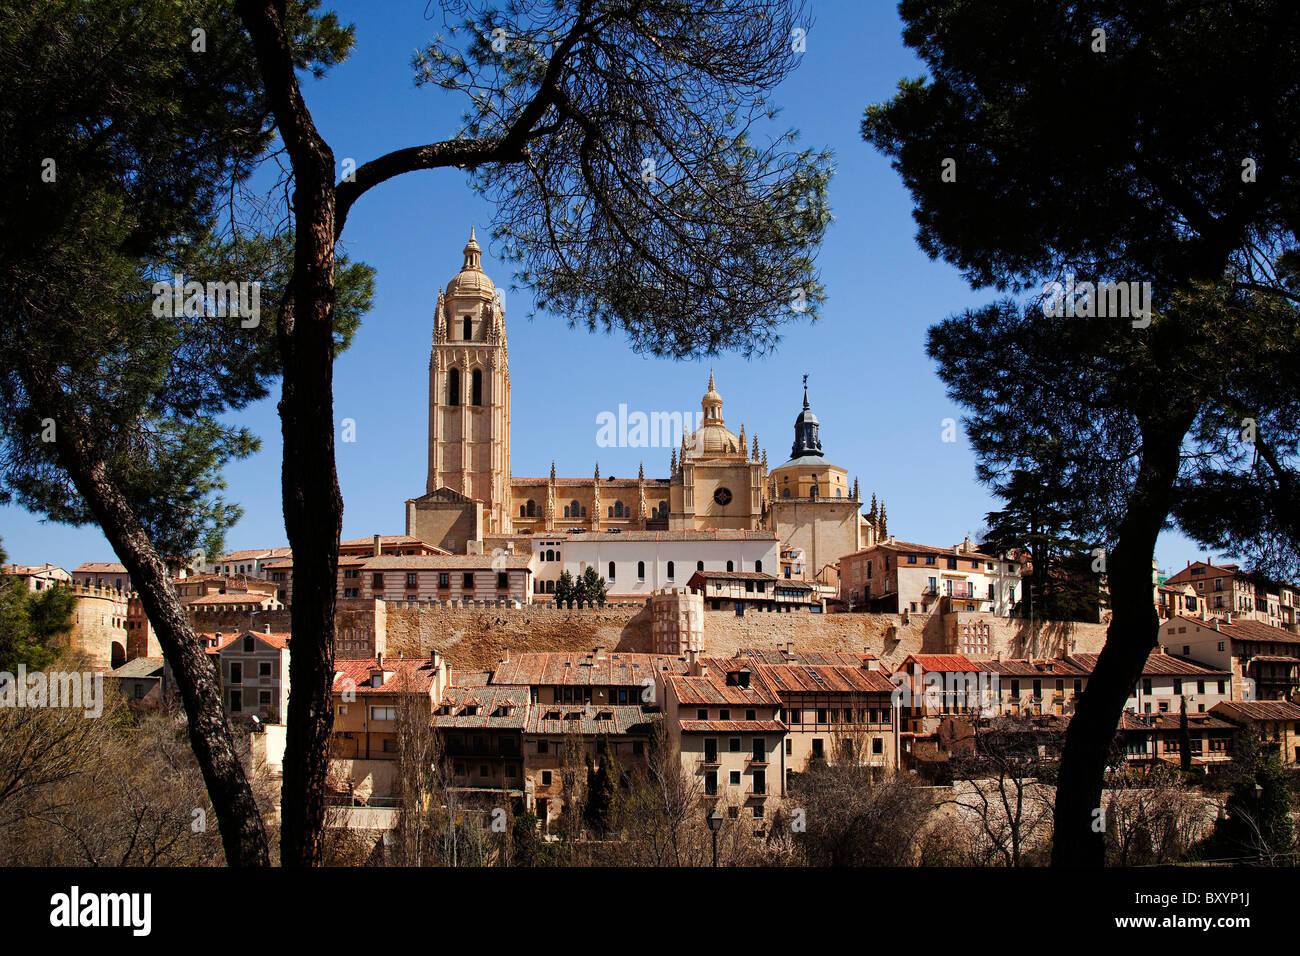 Catedral de Segovia Castilla Leon España Cathedral Segovia Castilla Leon Spain - Stock Image